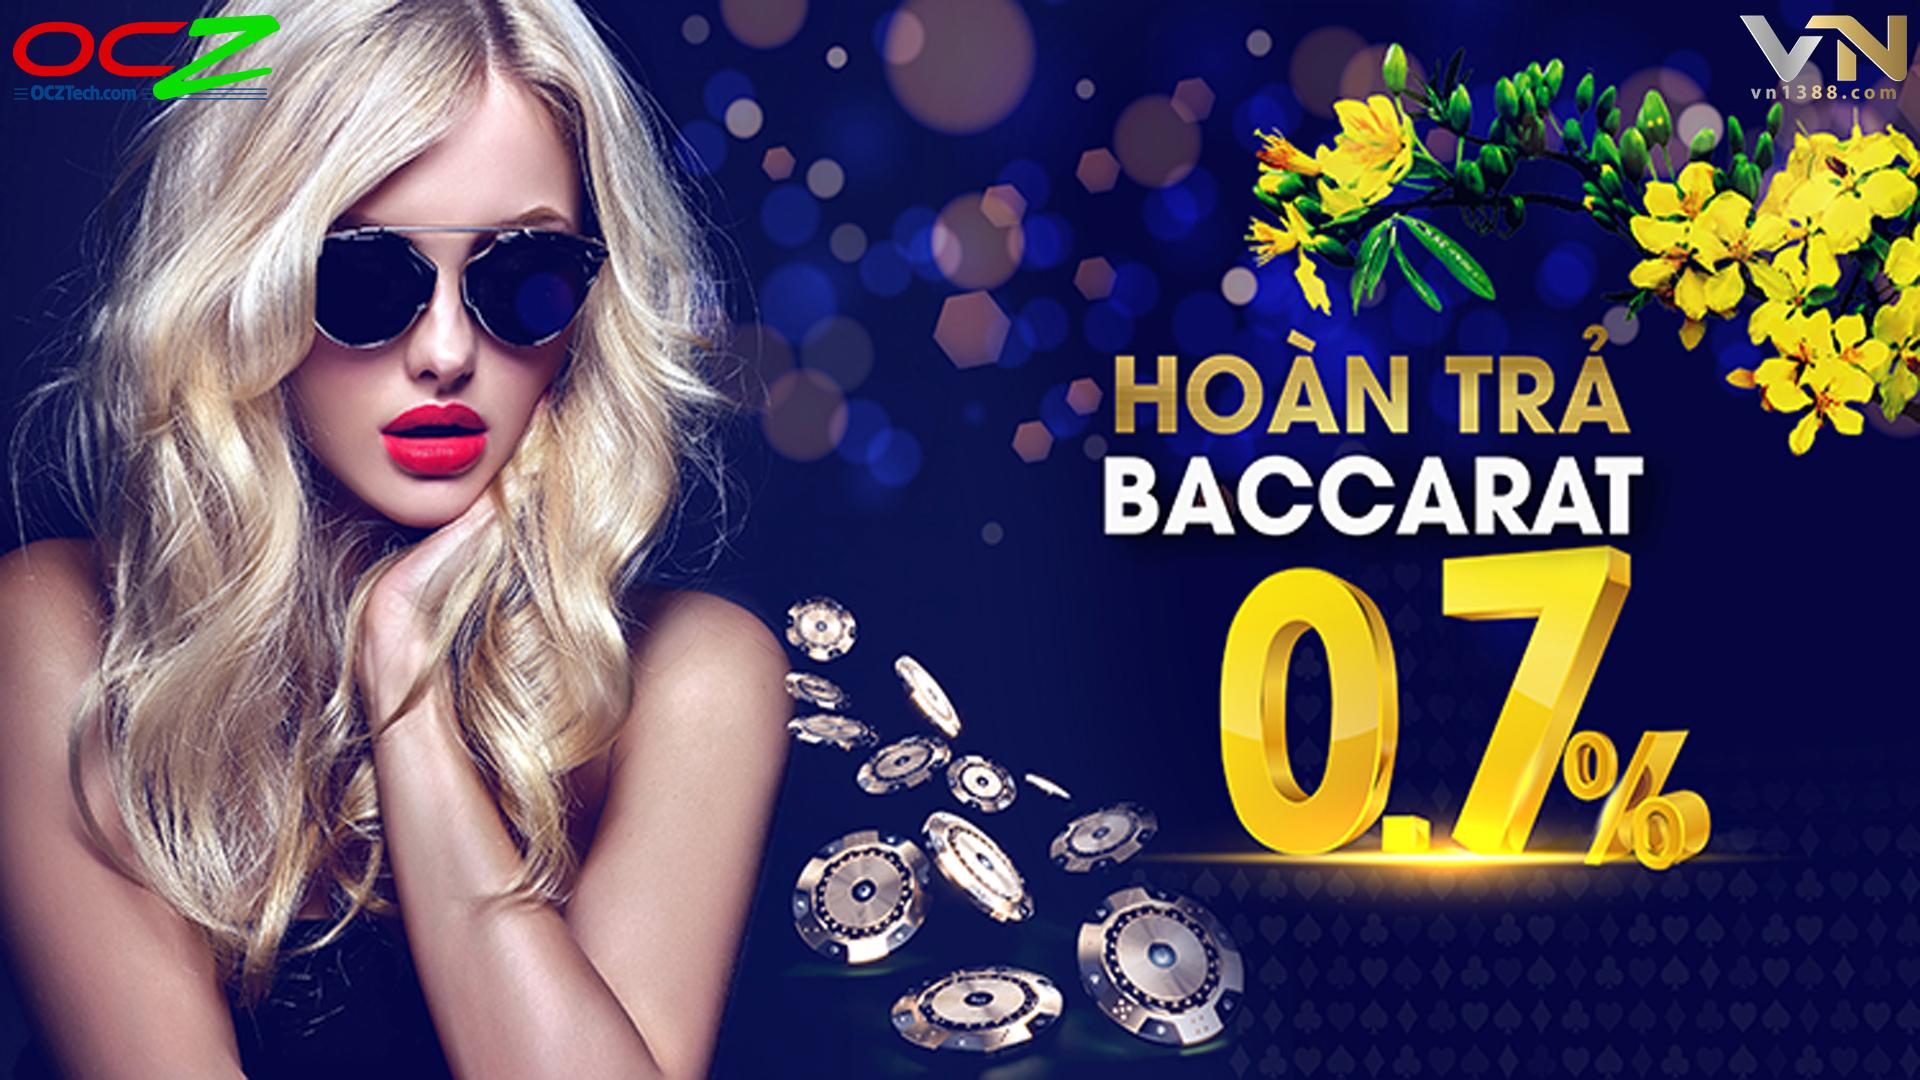 Hoàn trả Baccarat 0.7%